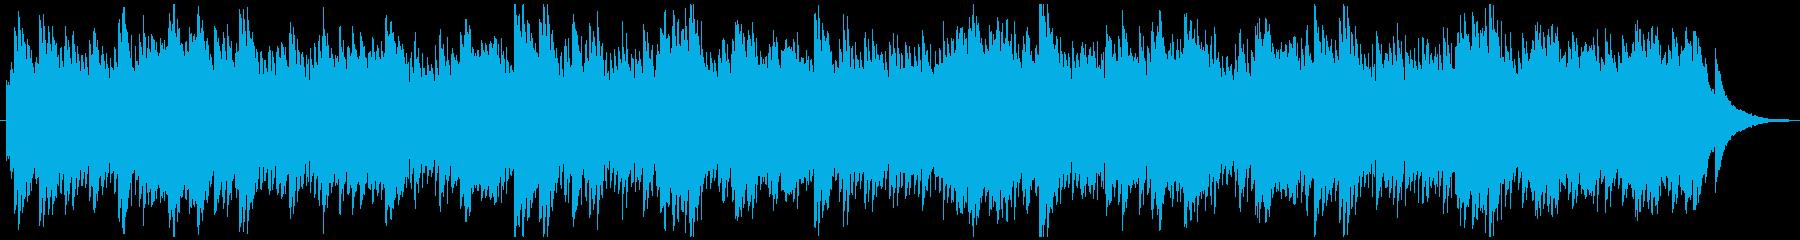 室内楽 ほのぼの 幸せ ピアノの再生済みの波形